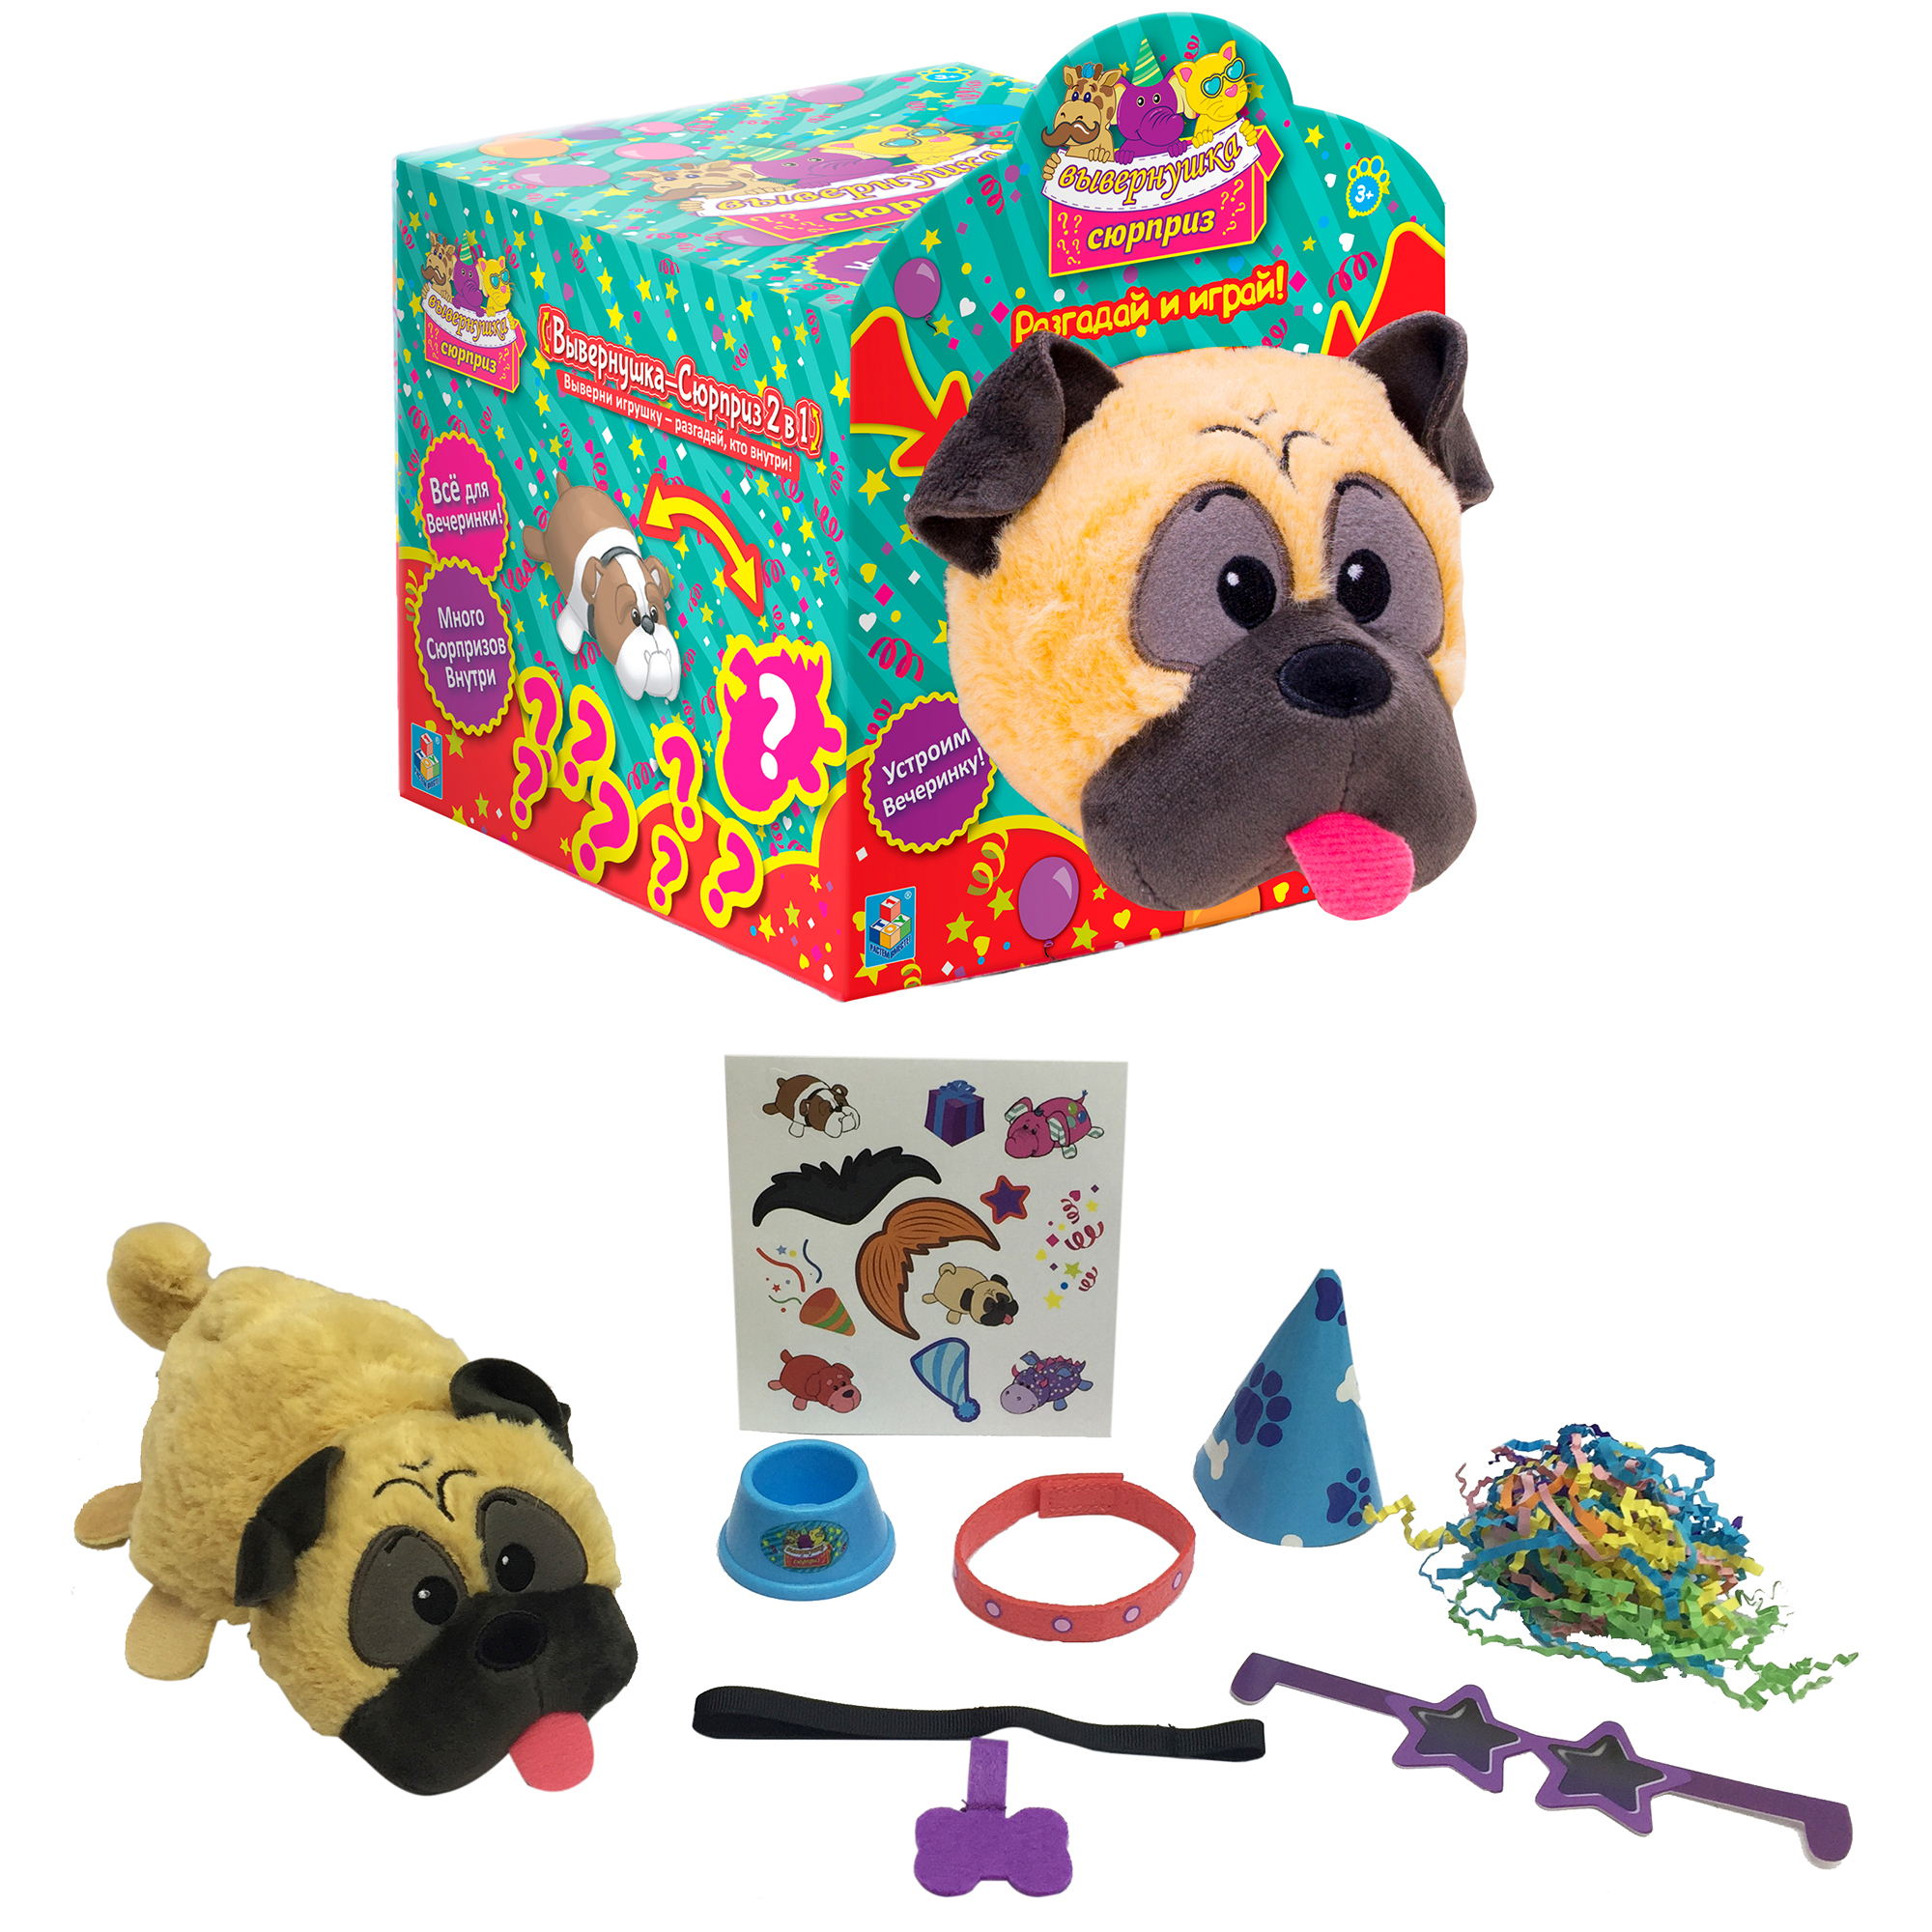 Купить Мягкие игрушки, Вывернушка-Сюрприз Мопс, 1toy, Китай, brown